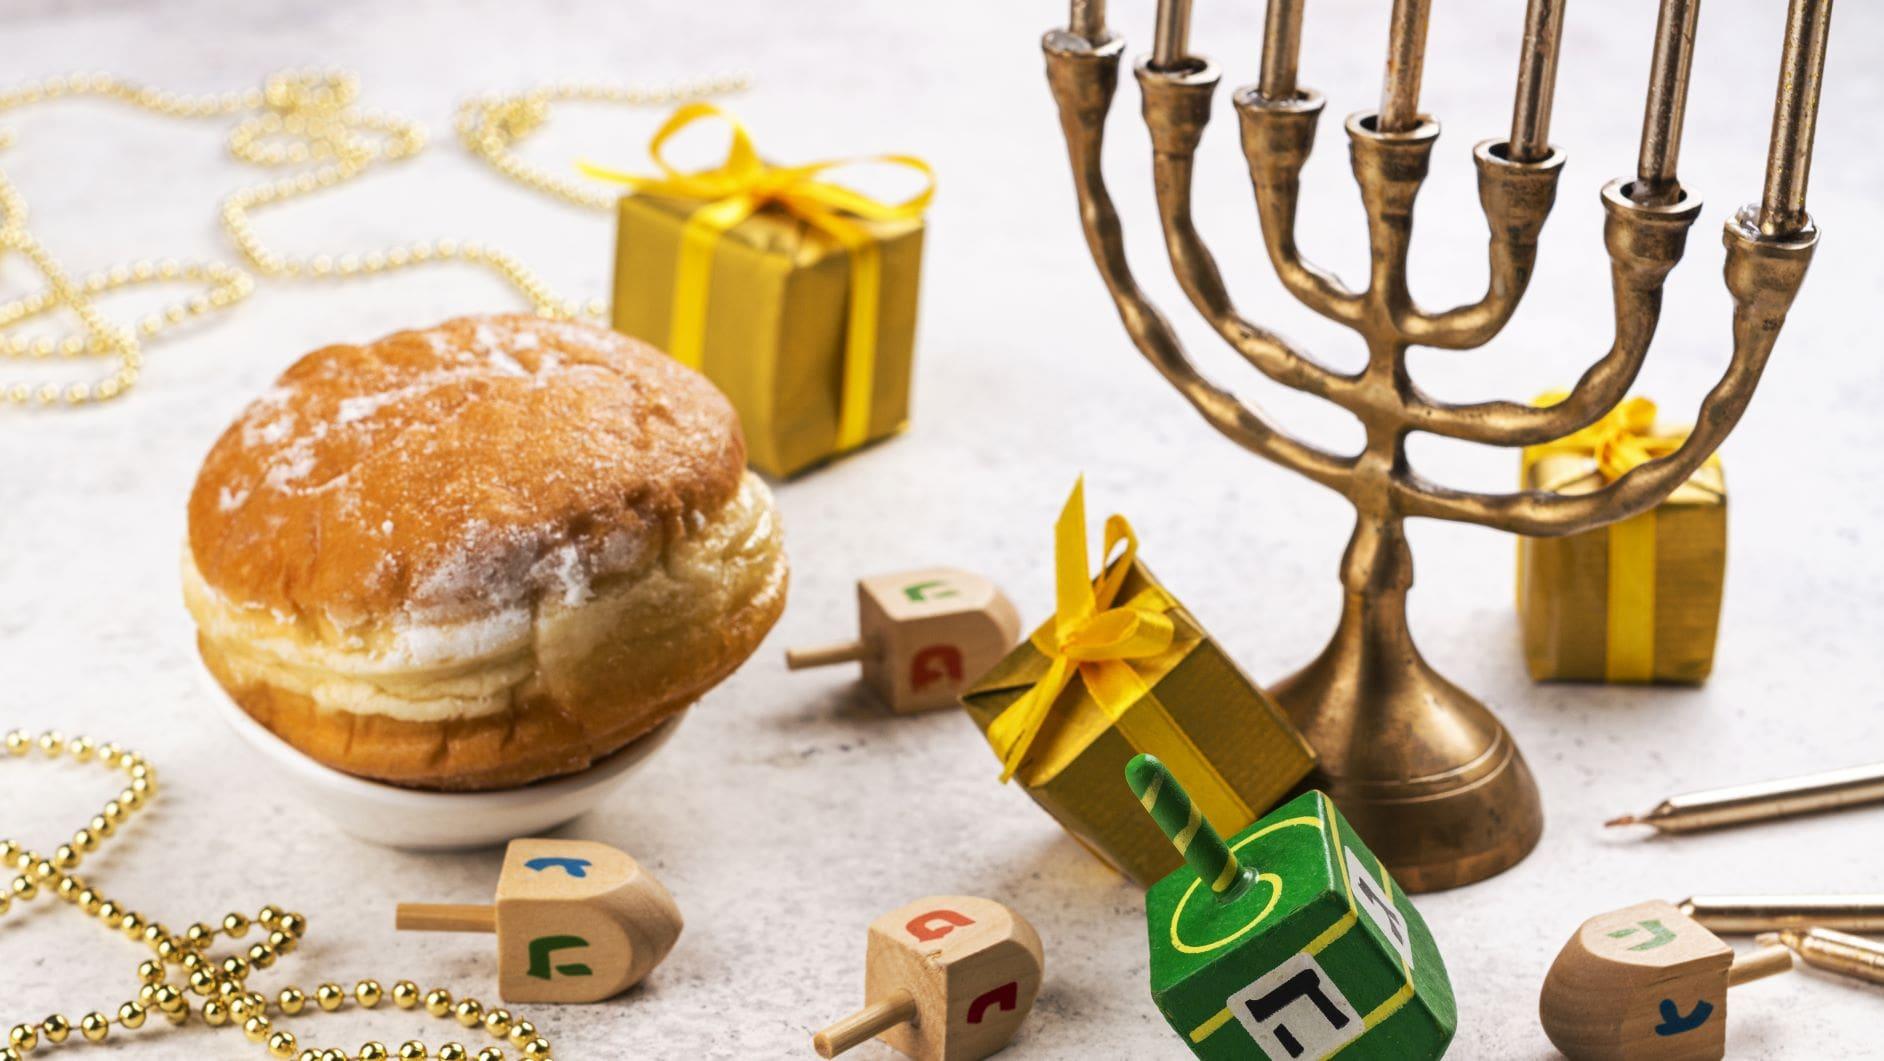 hannuka -celebración de la cultura judaica